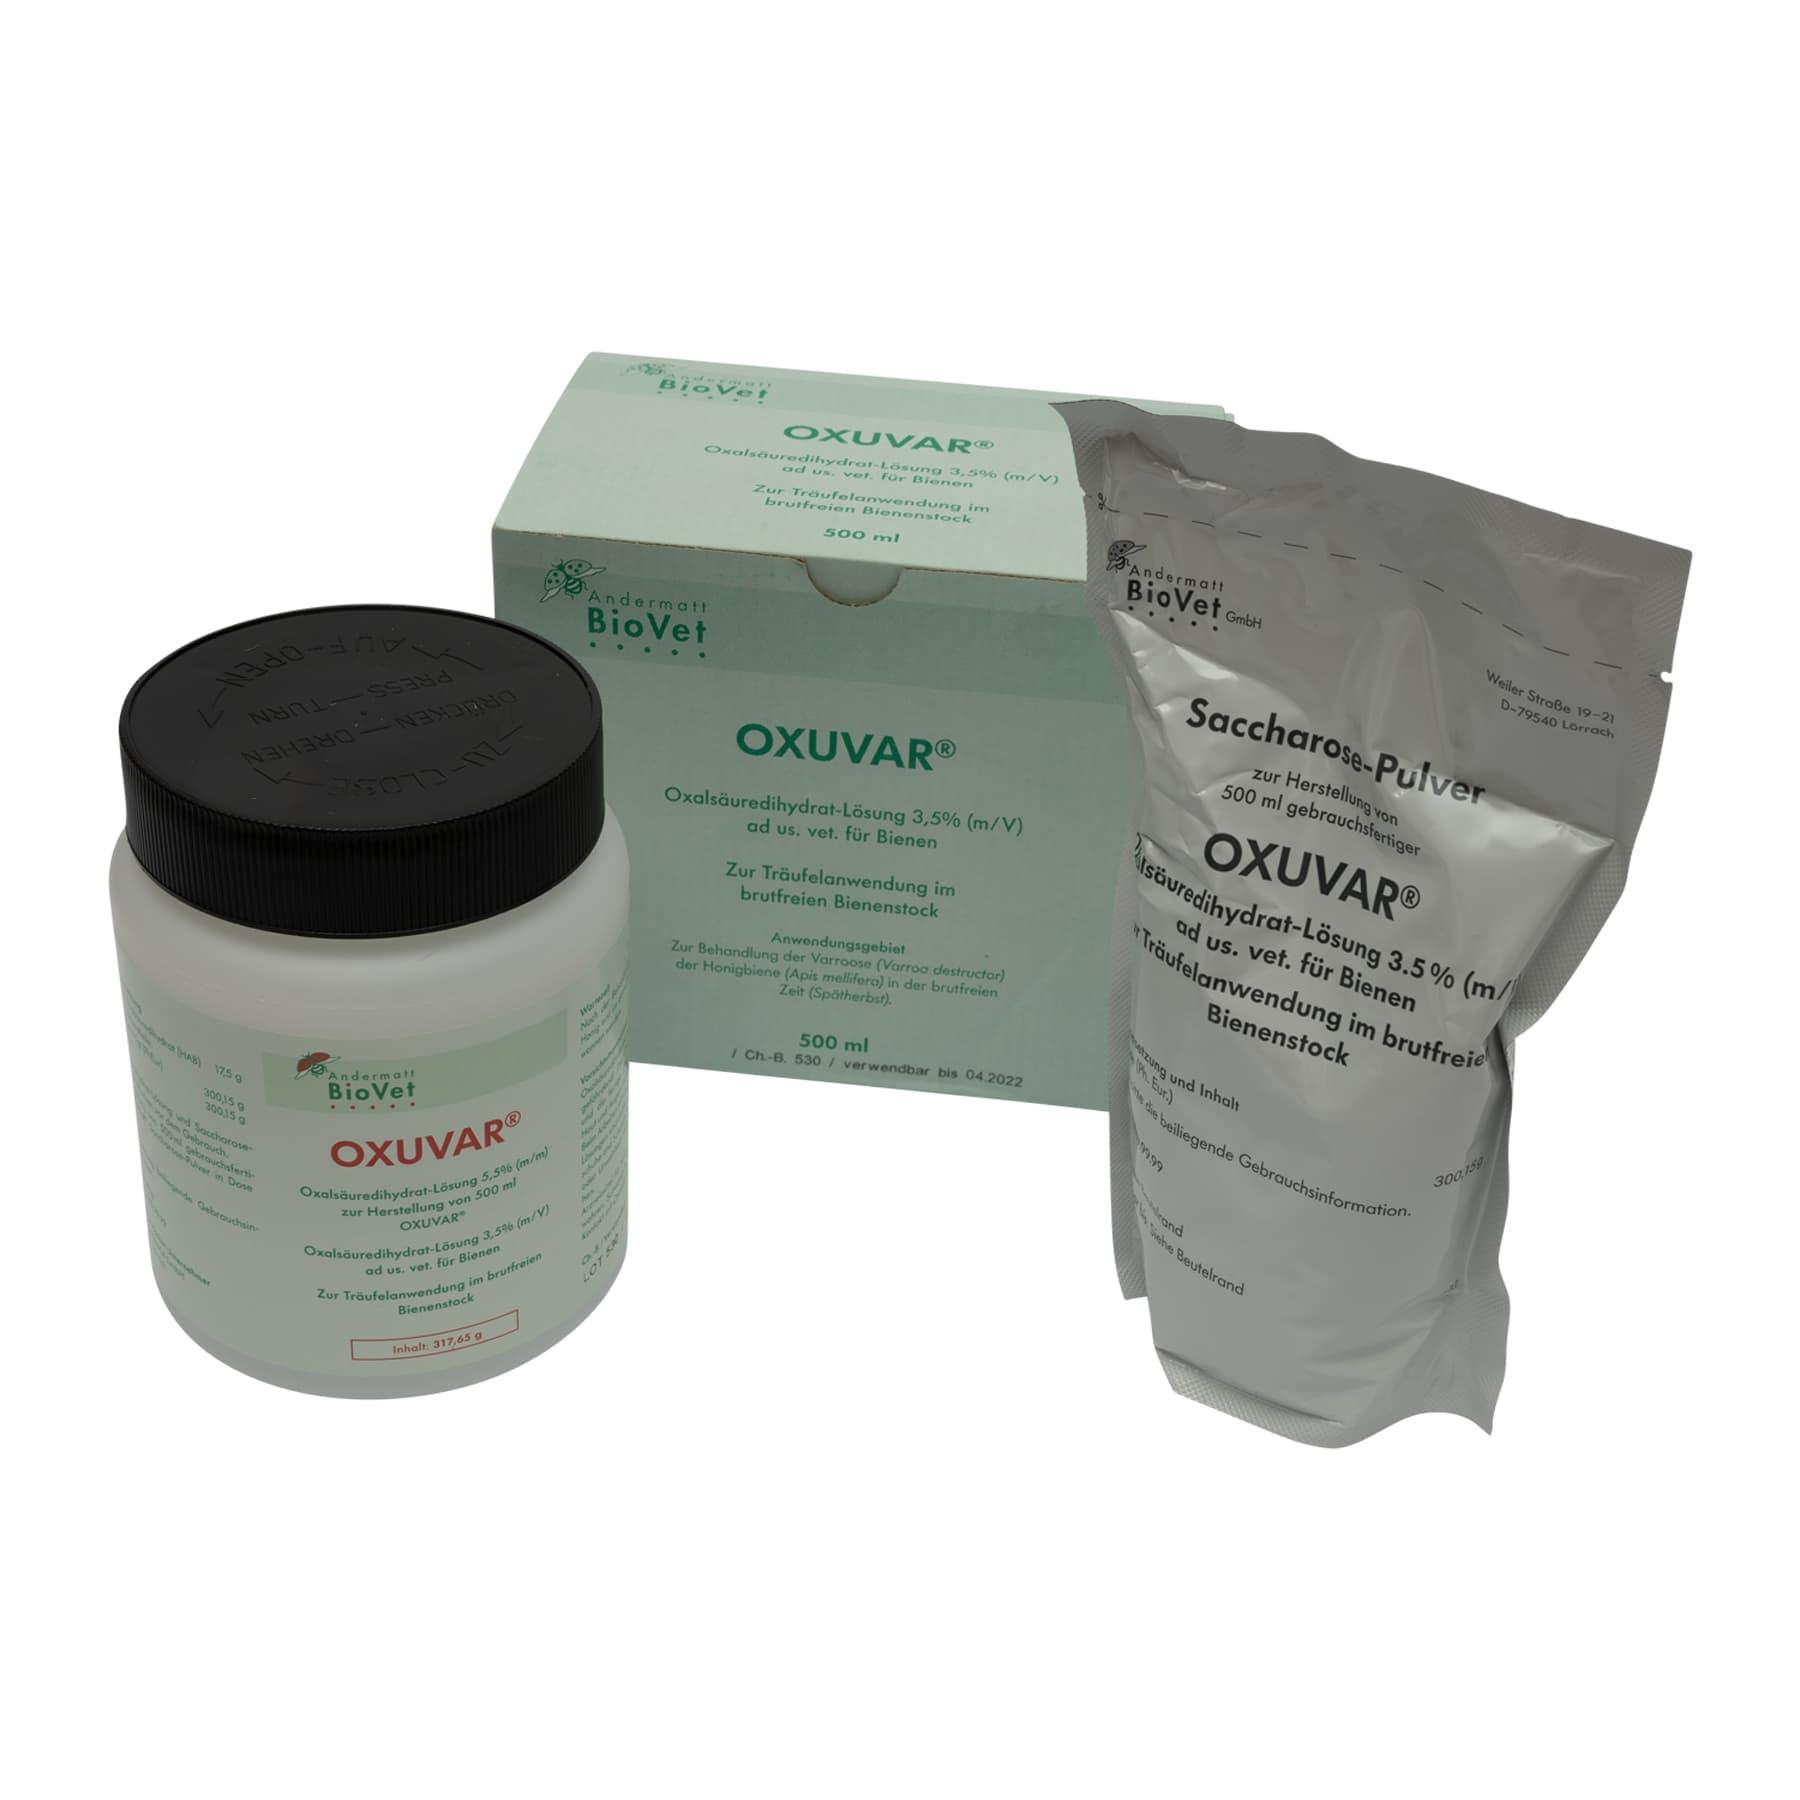 OXUVAR® (3,5 %) 500 ml, ein Set für die Träufelbehandlung  der Bienen gegen Varroatose (Hauptwirkstoff Oxalsäure 3,5 %)